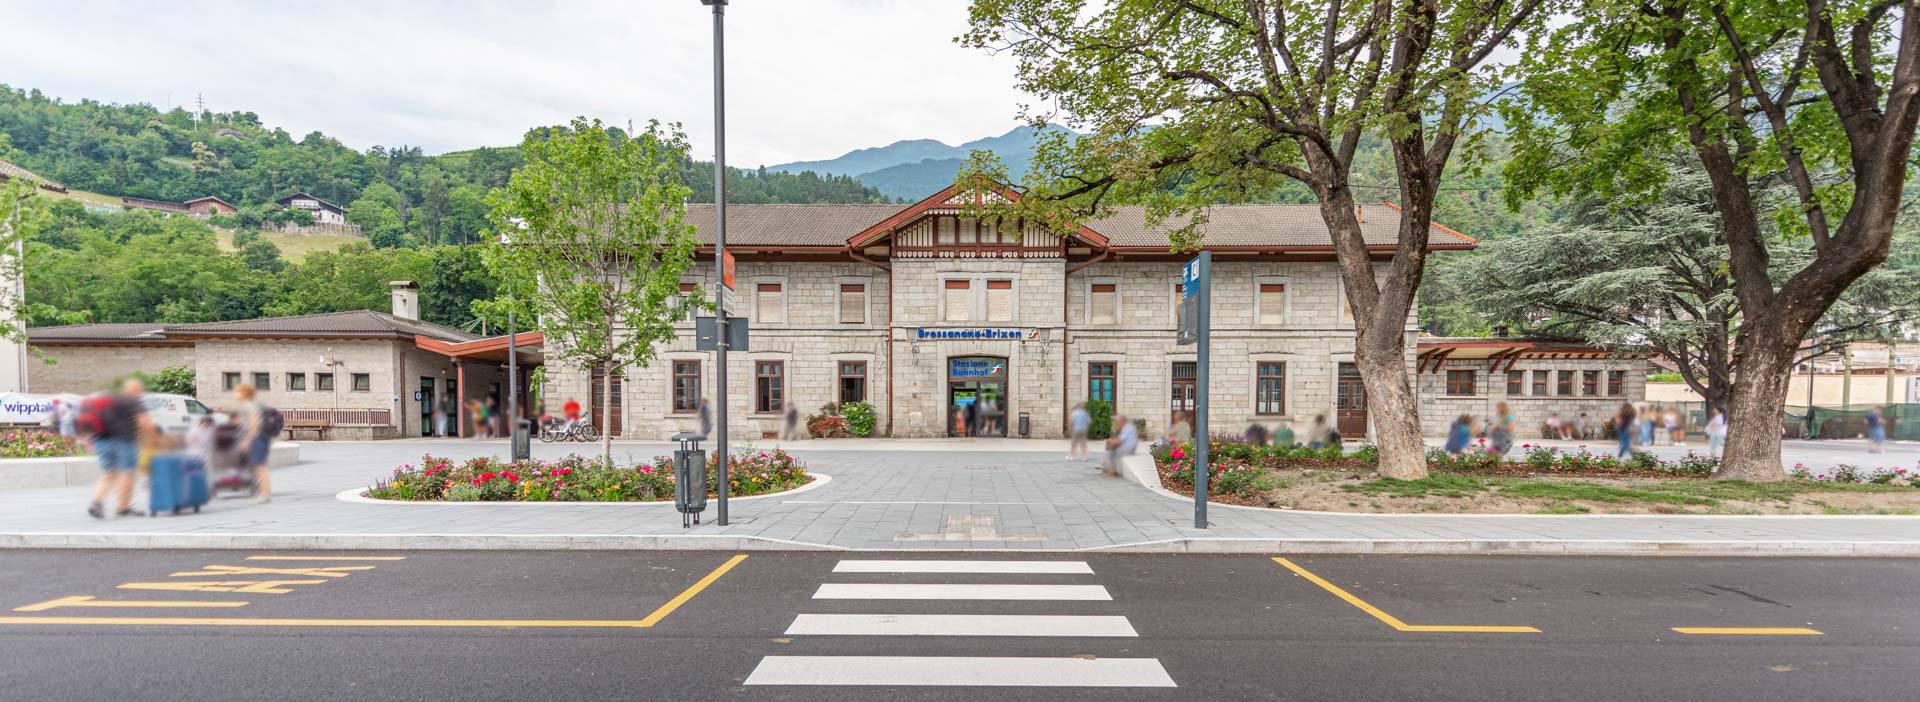 Bahnhof Brixen